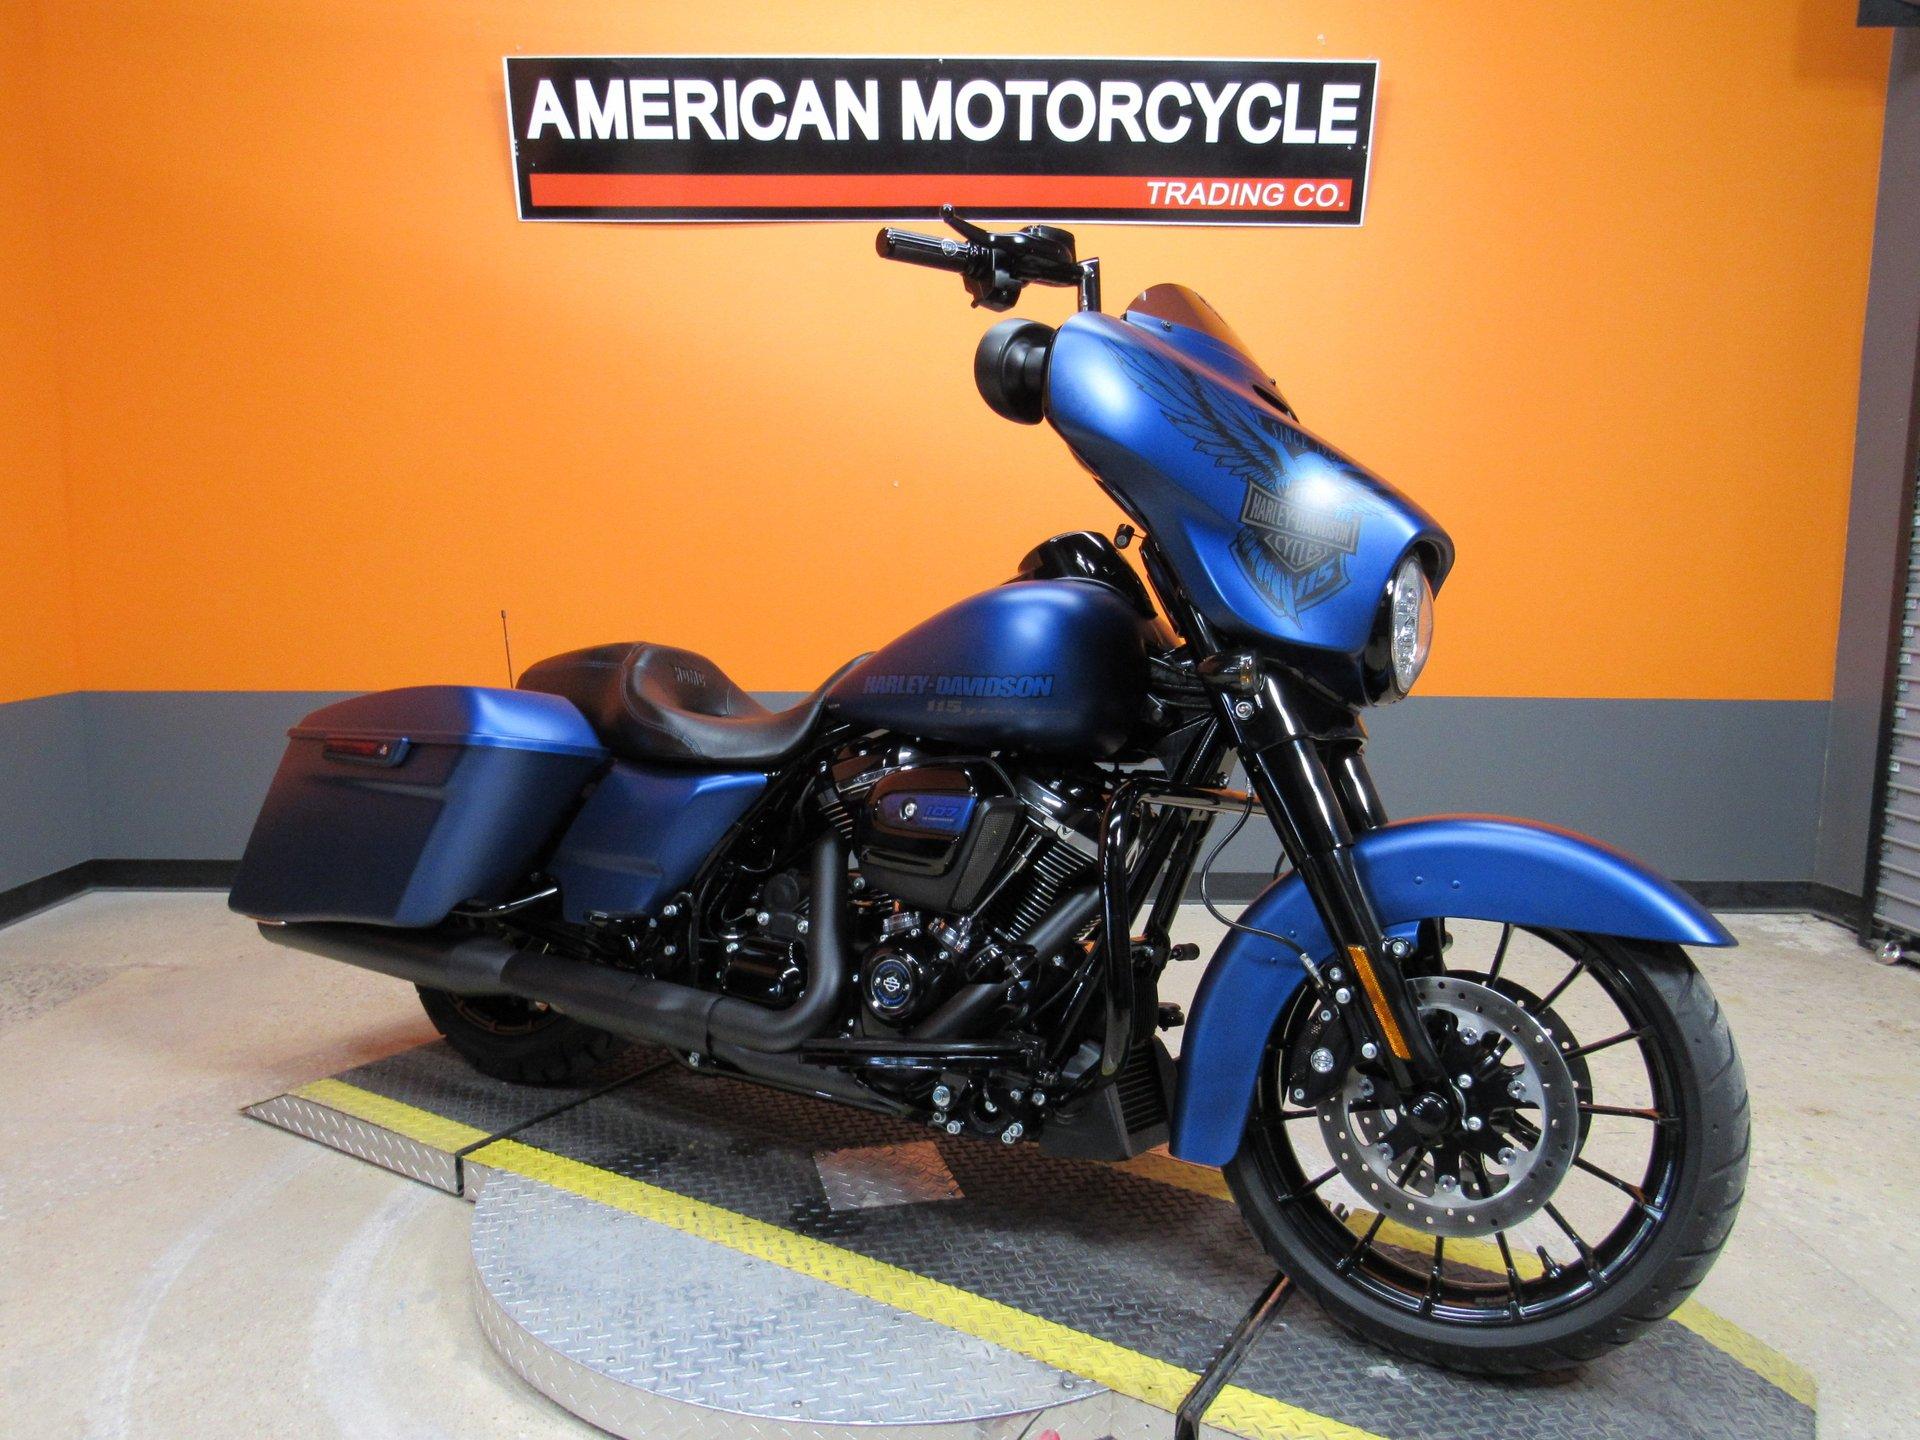 2018 Harley-Davidson Street Glide Special - FLHXS for sale